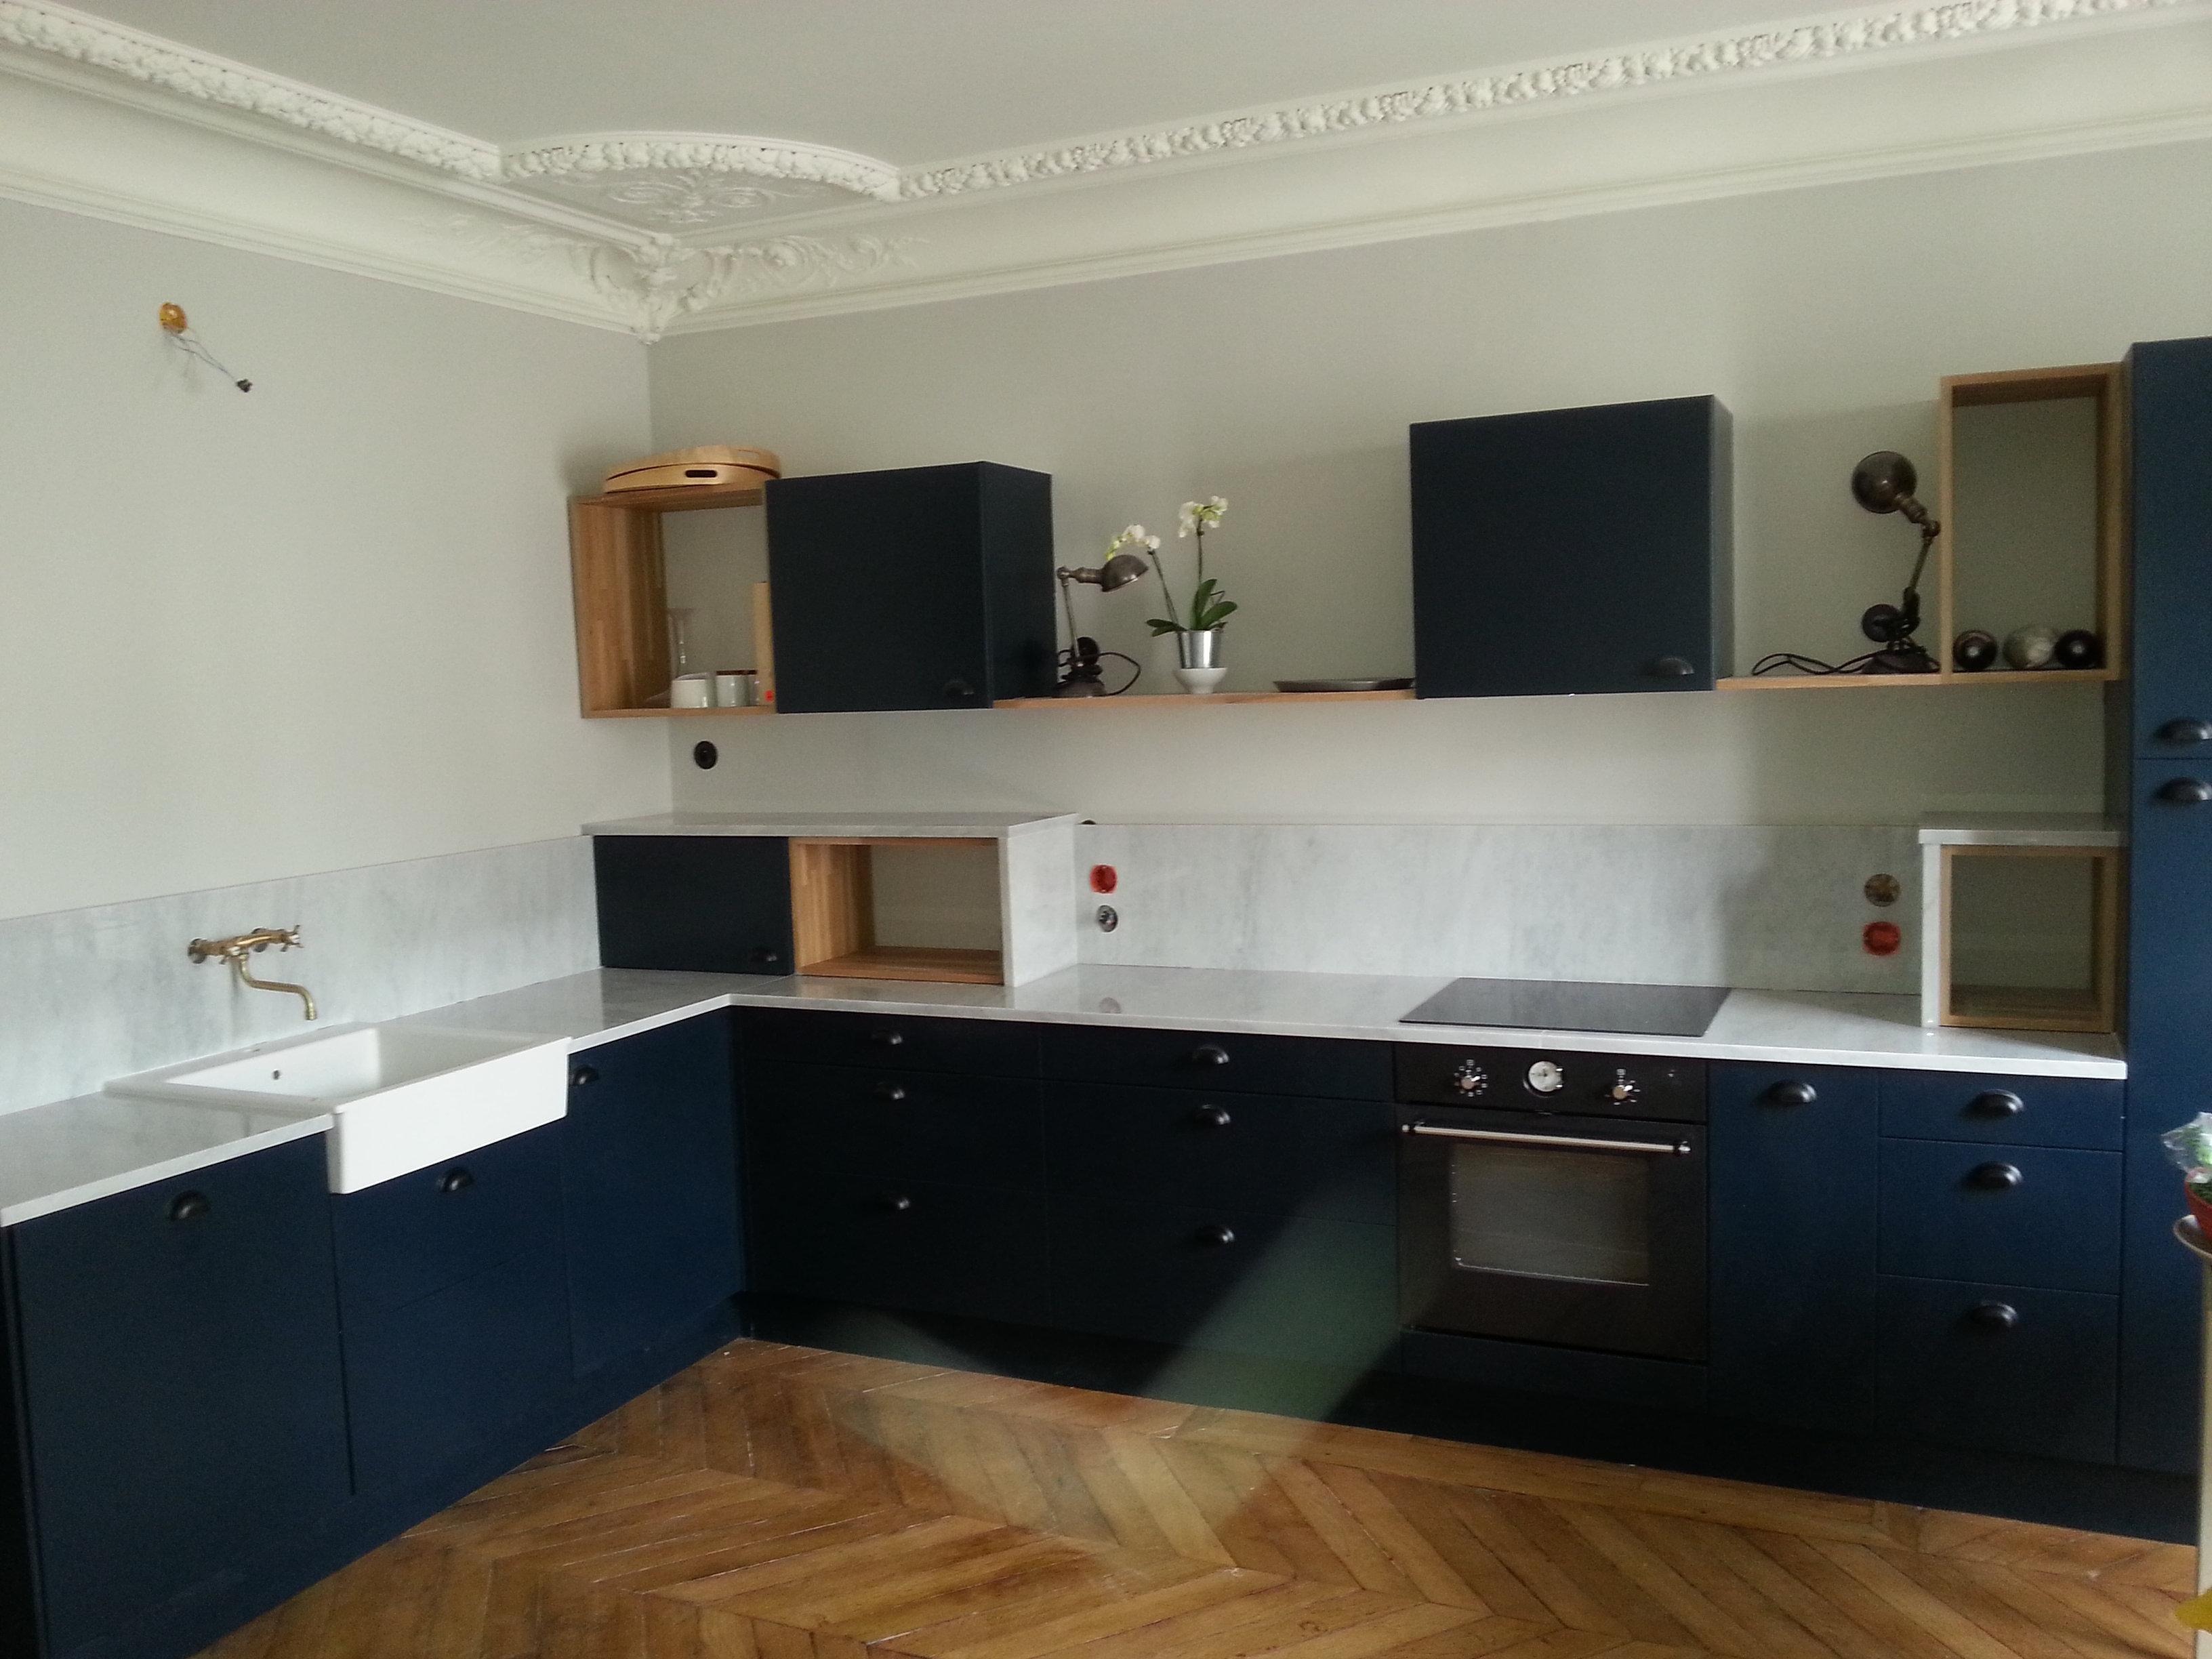 Plan de travail granit quartz table en mabre paris for Plan de travail en marbre cuisine